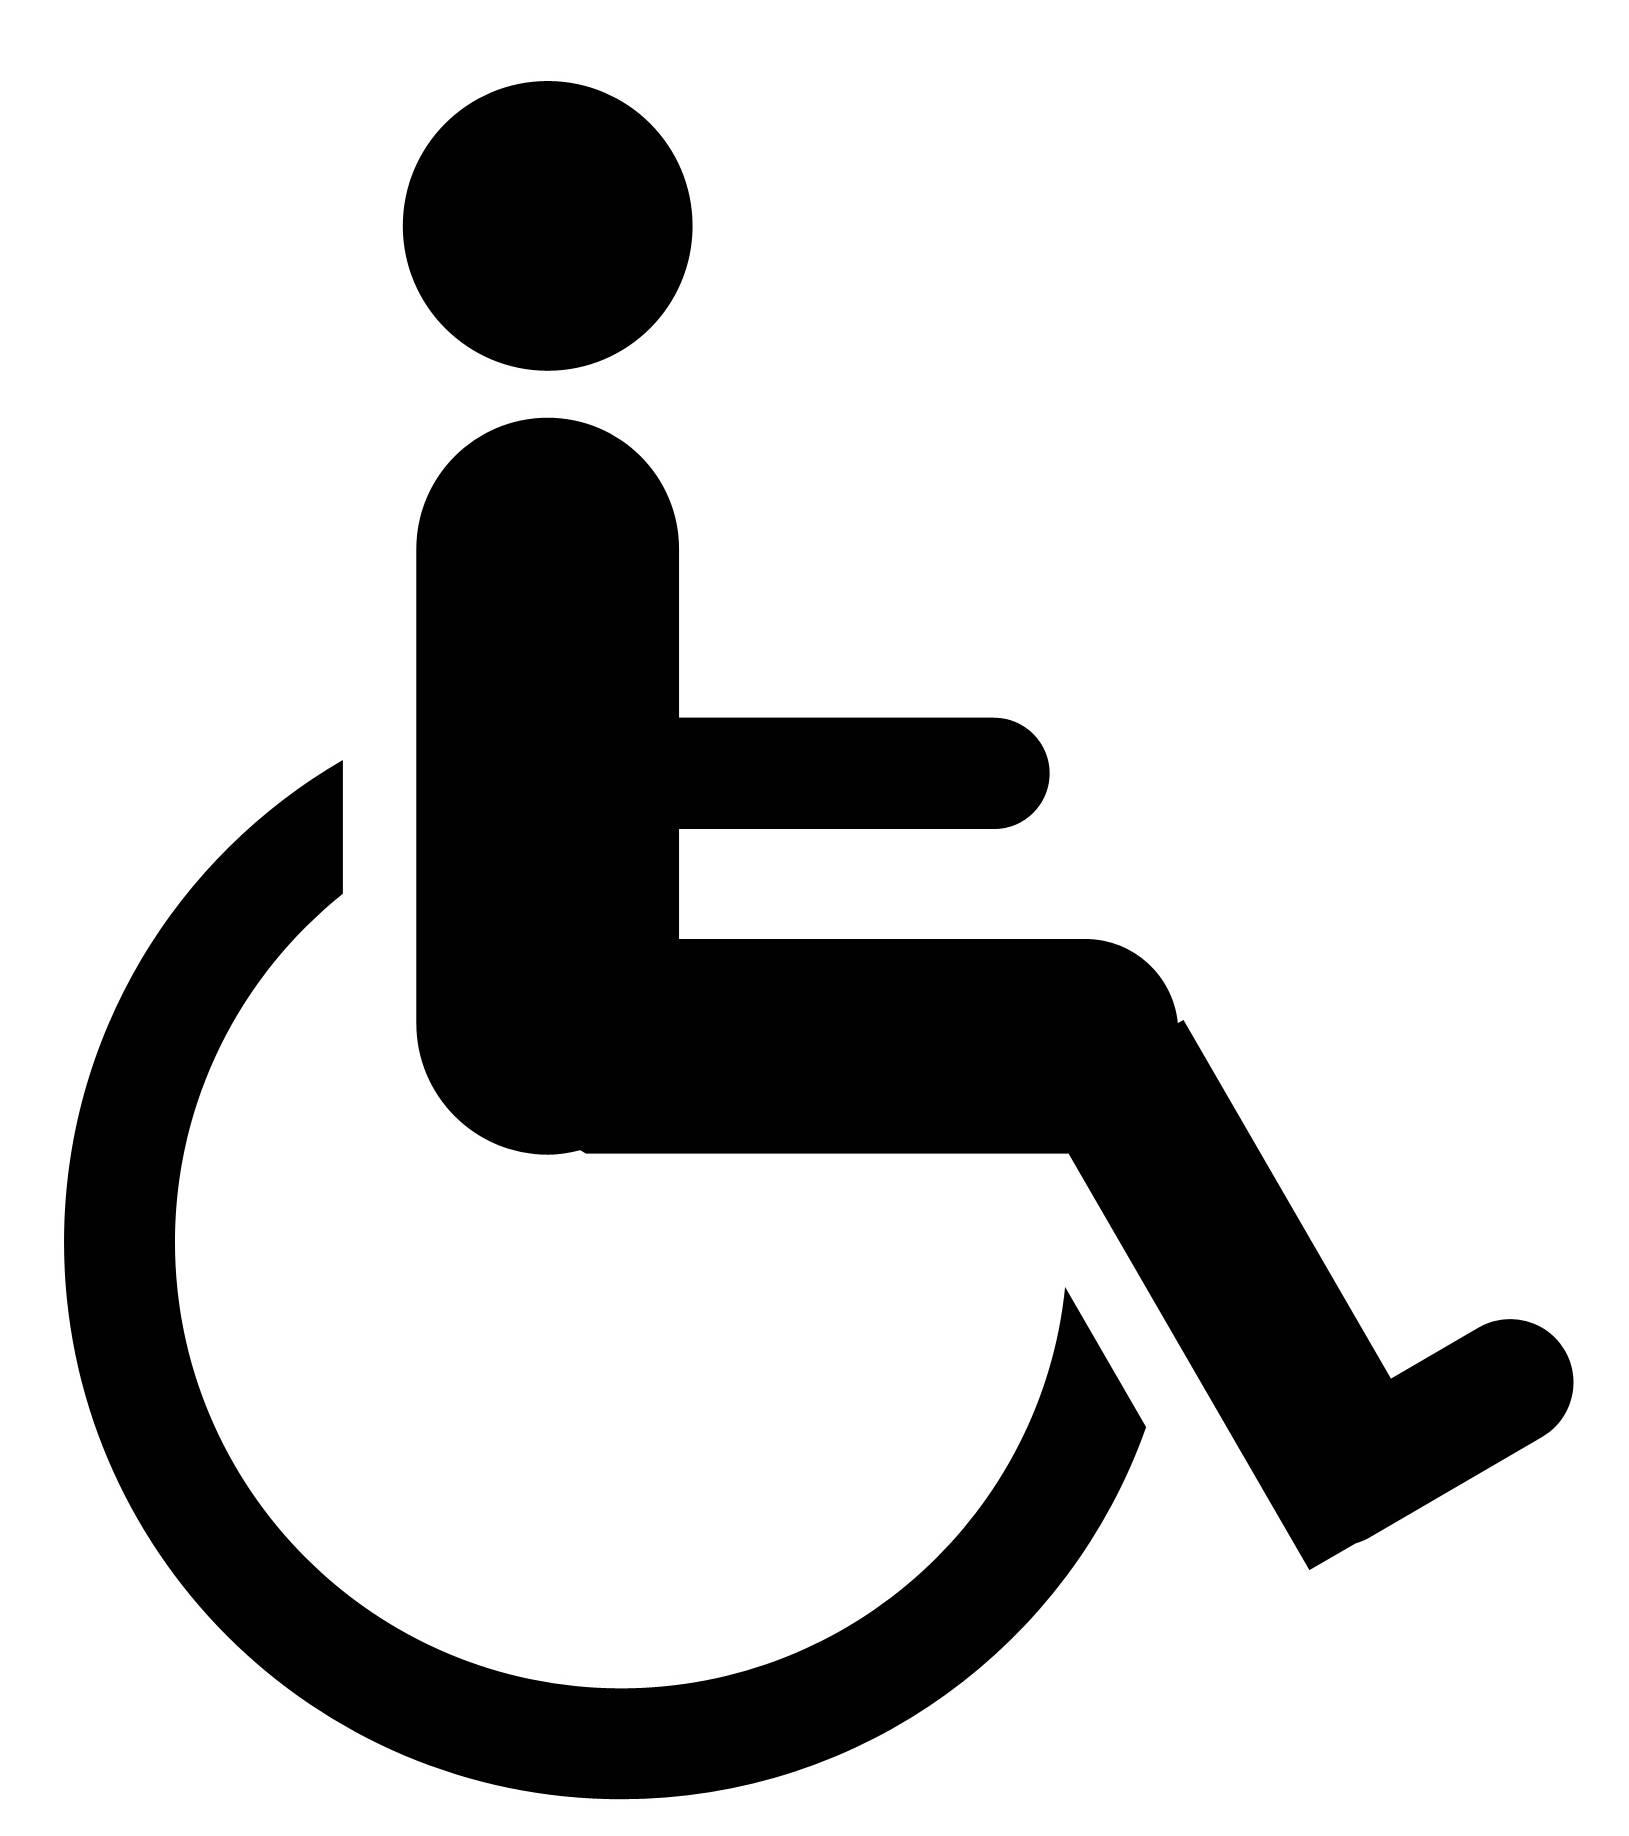 logo handicape gratuit